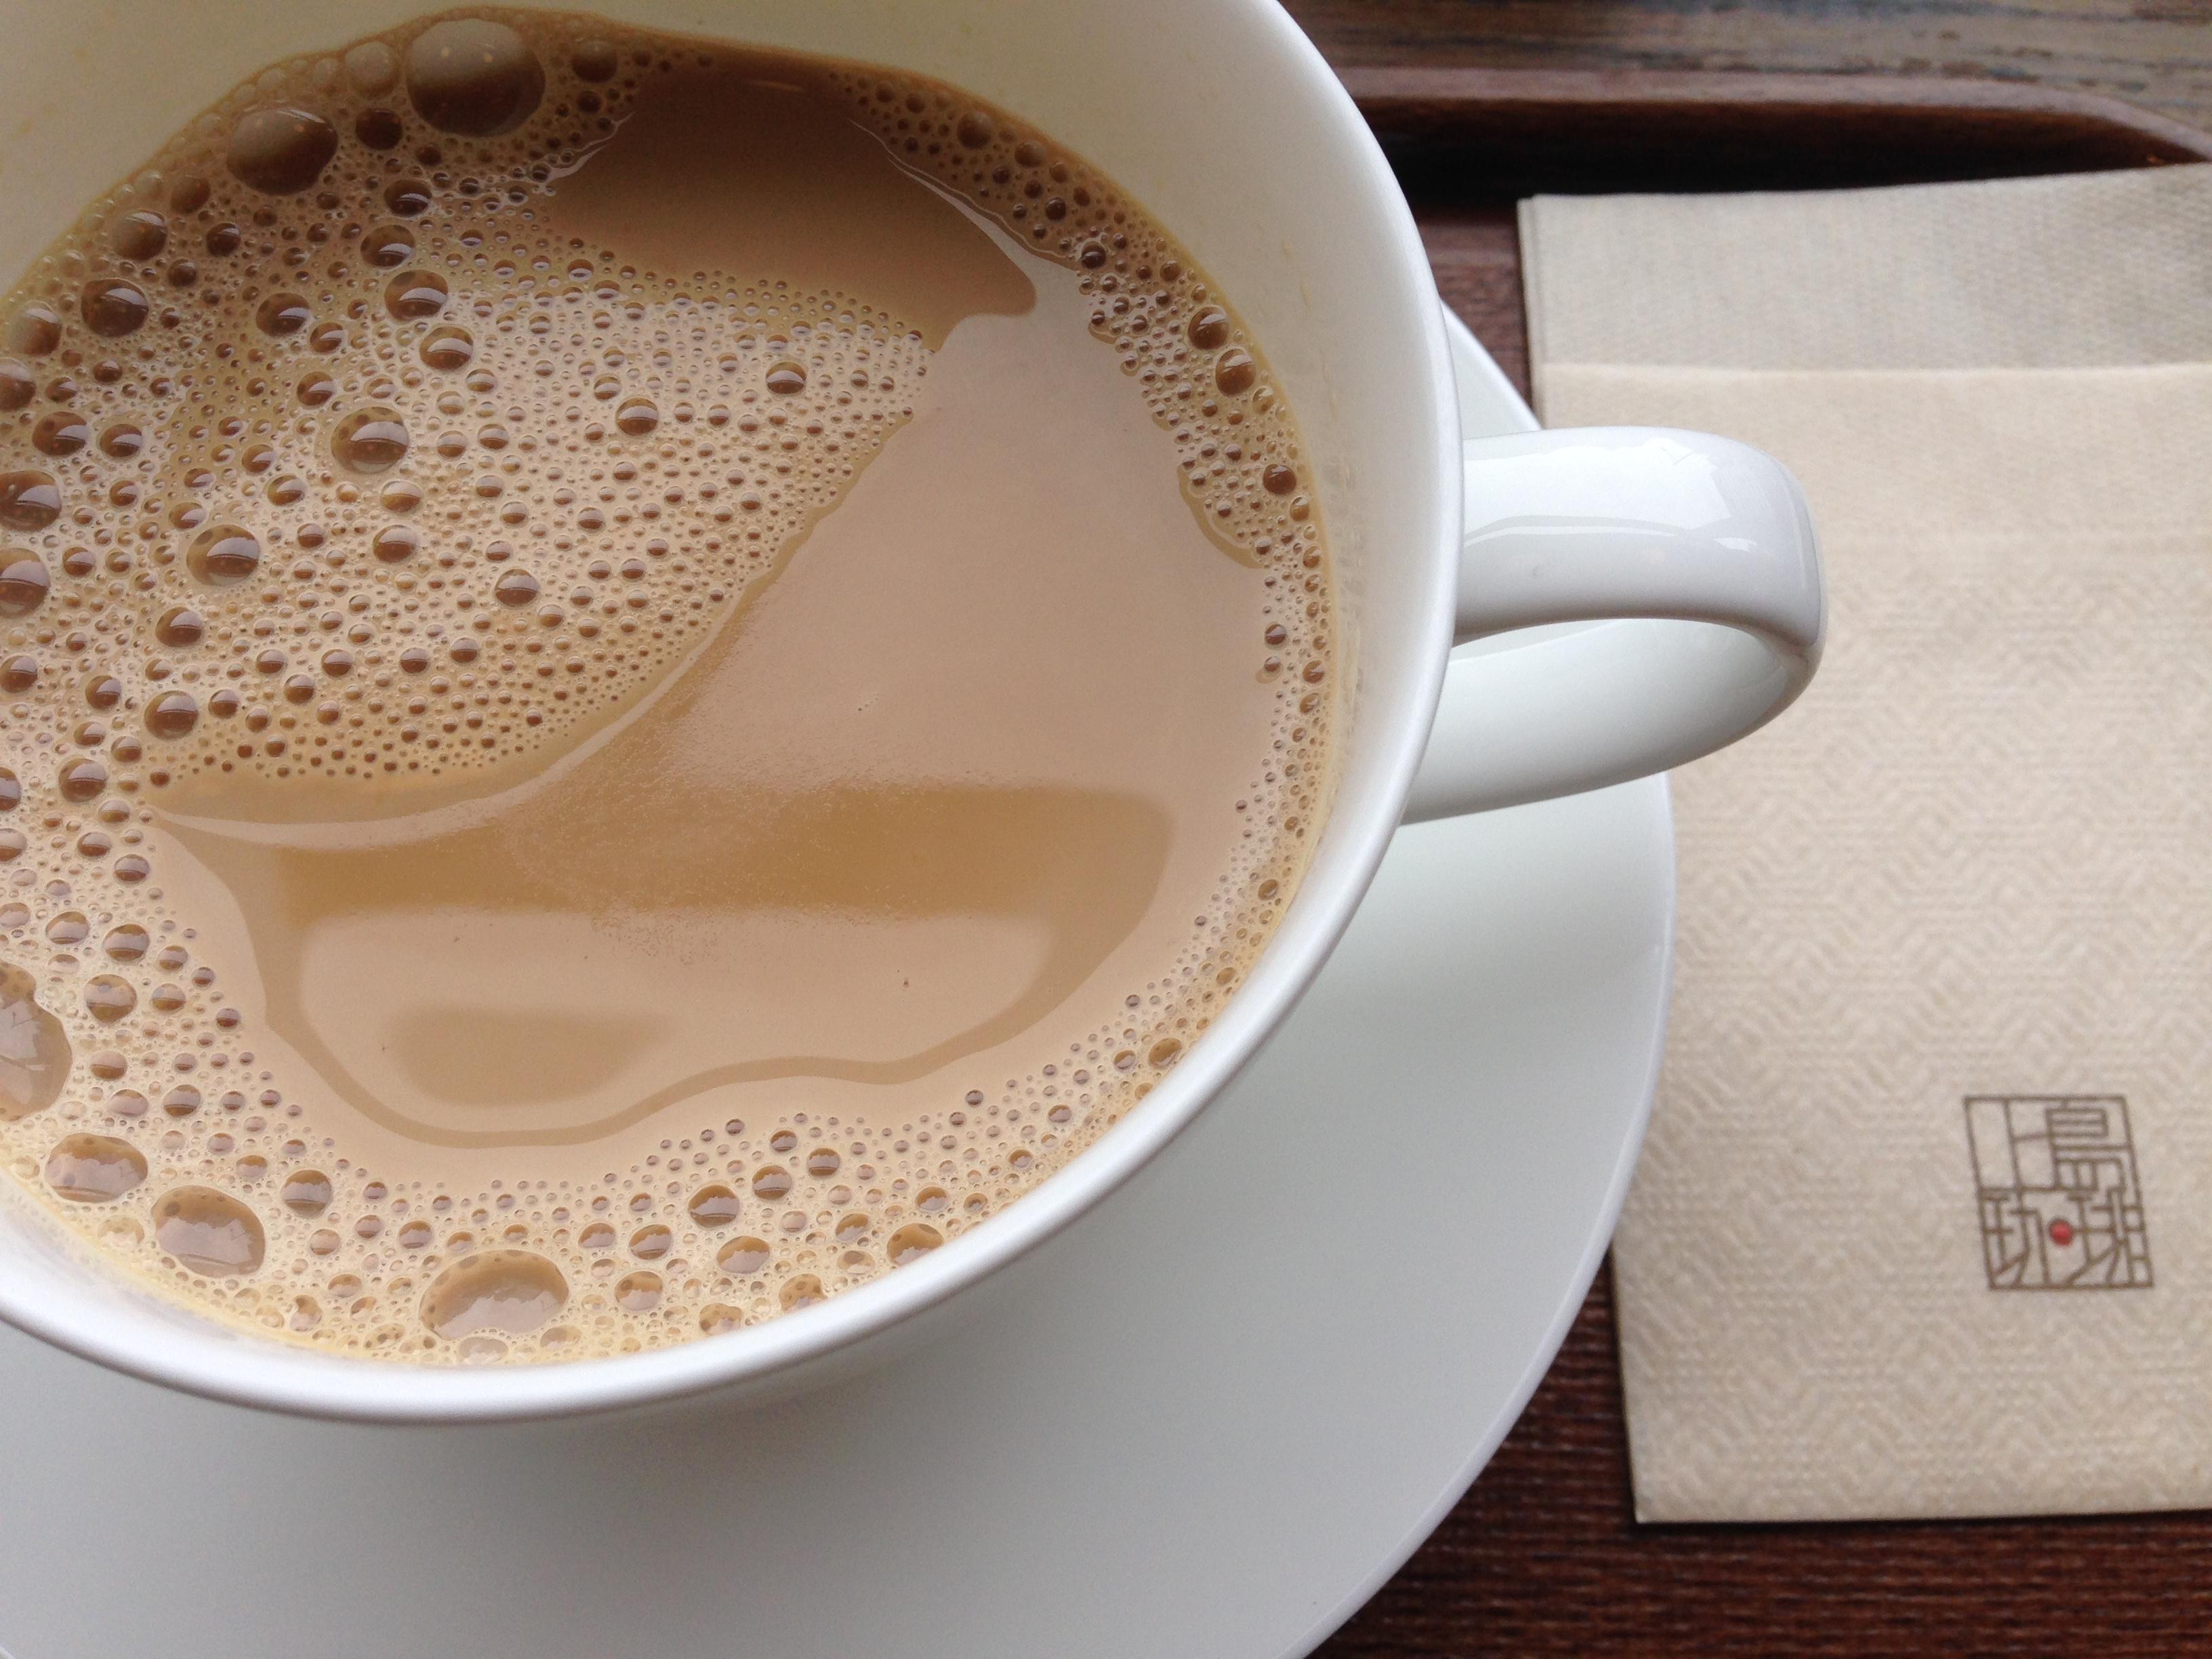 上島の黒糖ミルクコーヒー